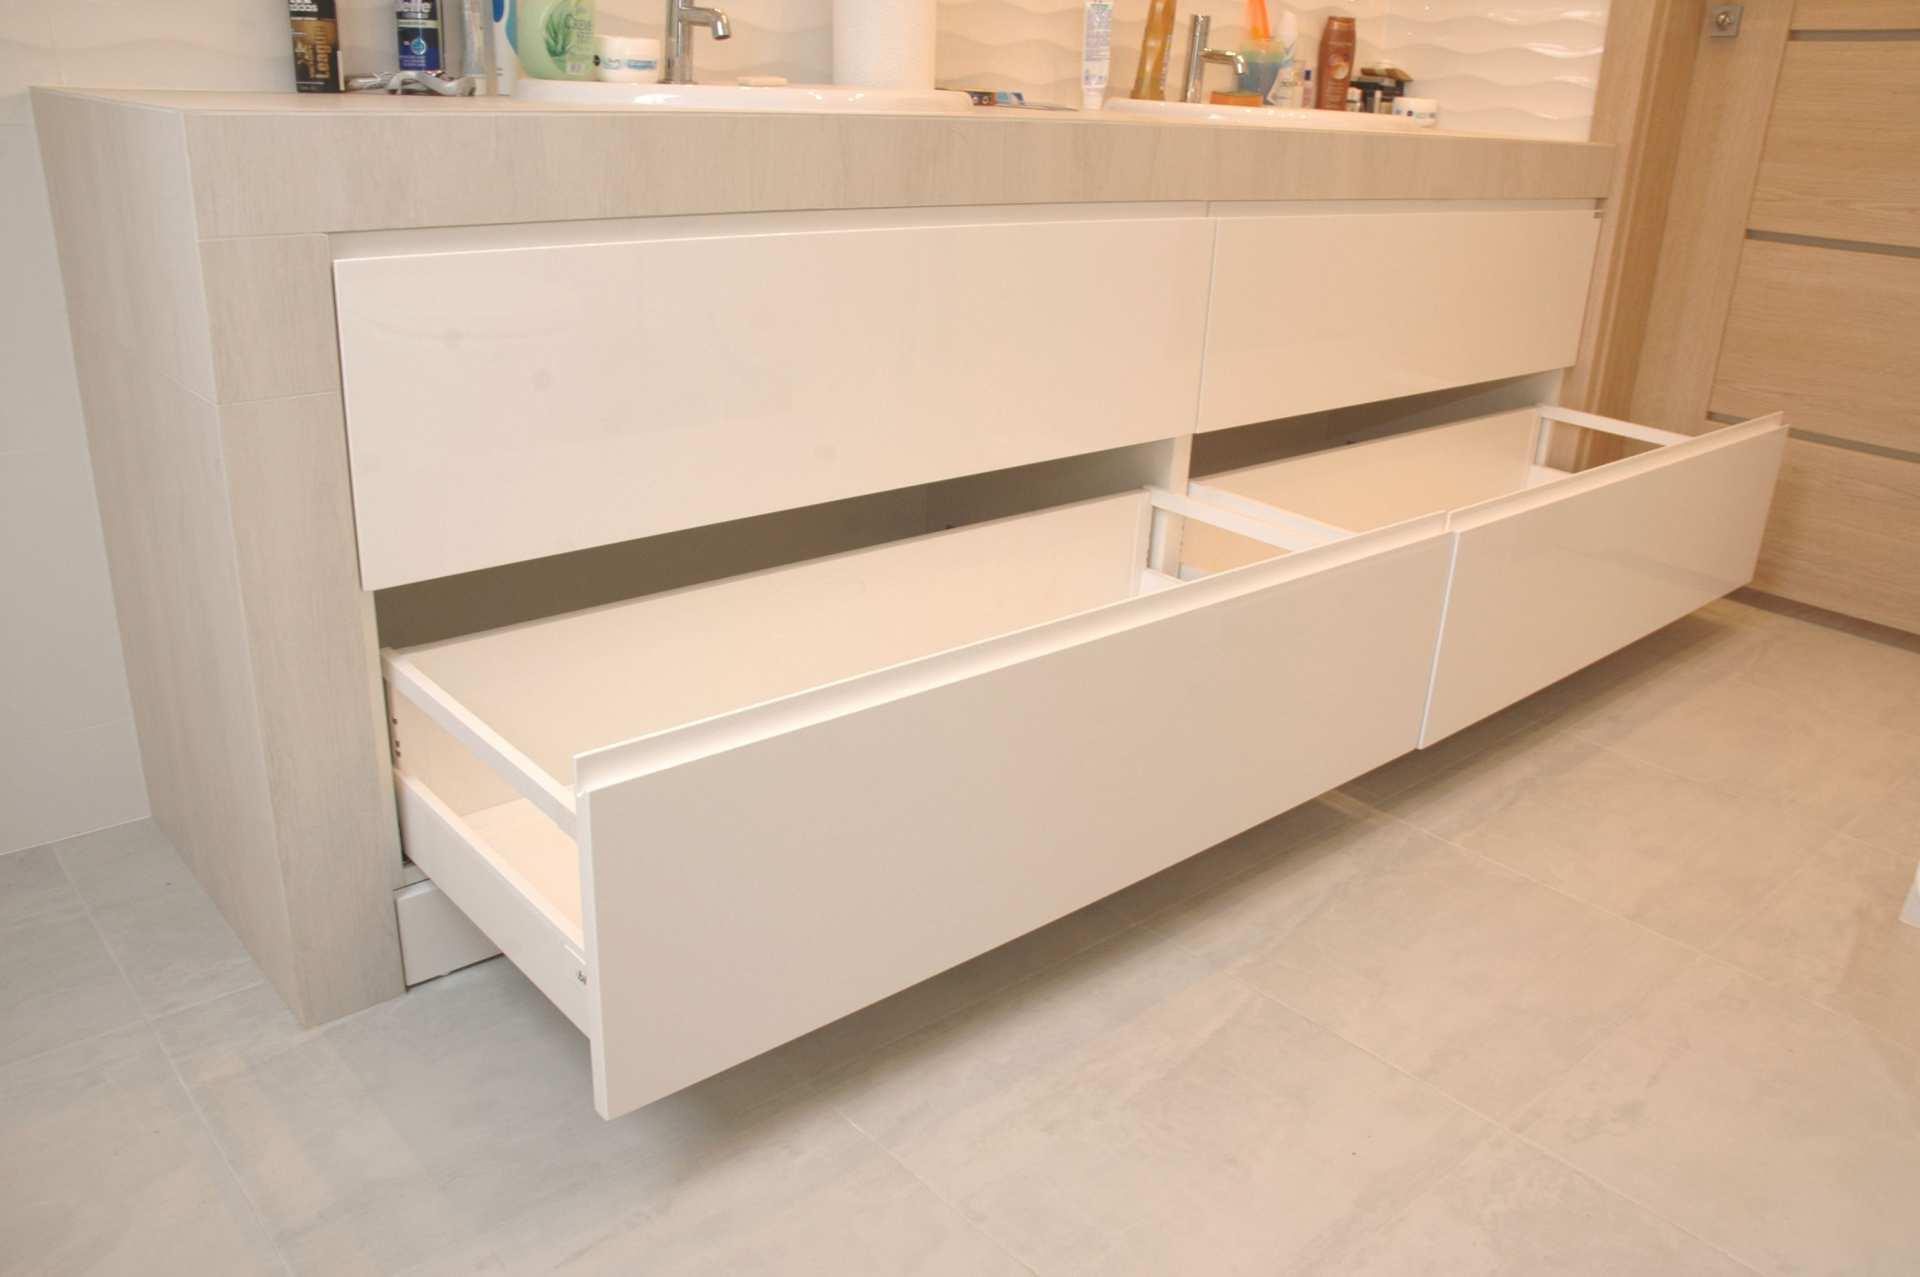 Super Meble łazienkowe na wymiar – DURLIK. Meble kuchenne Kielce. Producent. CO81